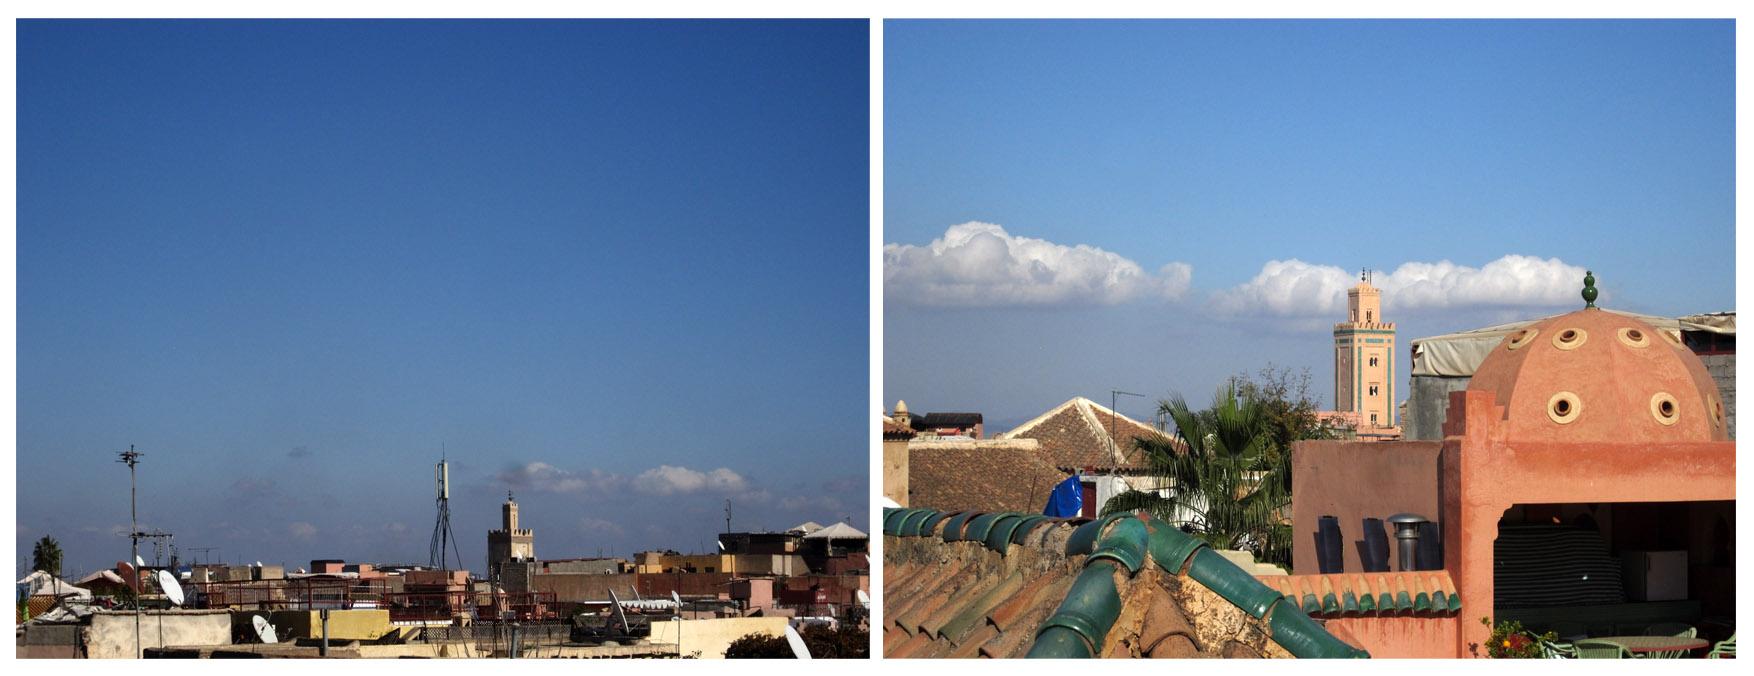 272 Marrakesh hostel No 3 Casa del sol